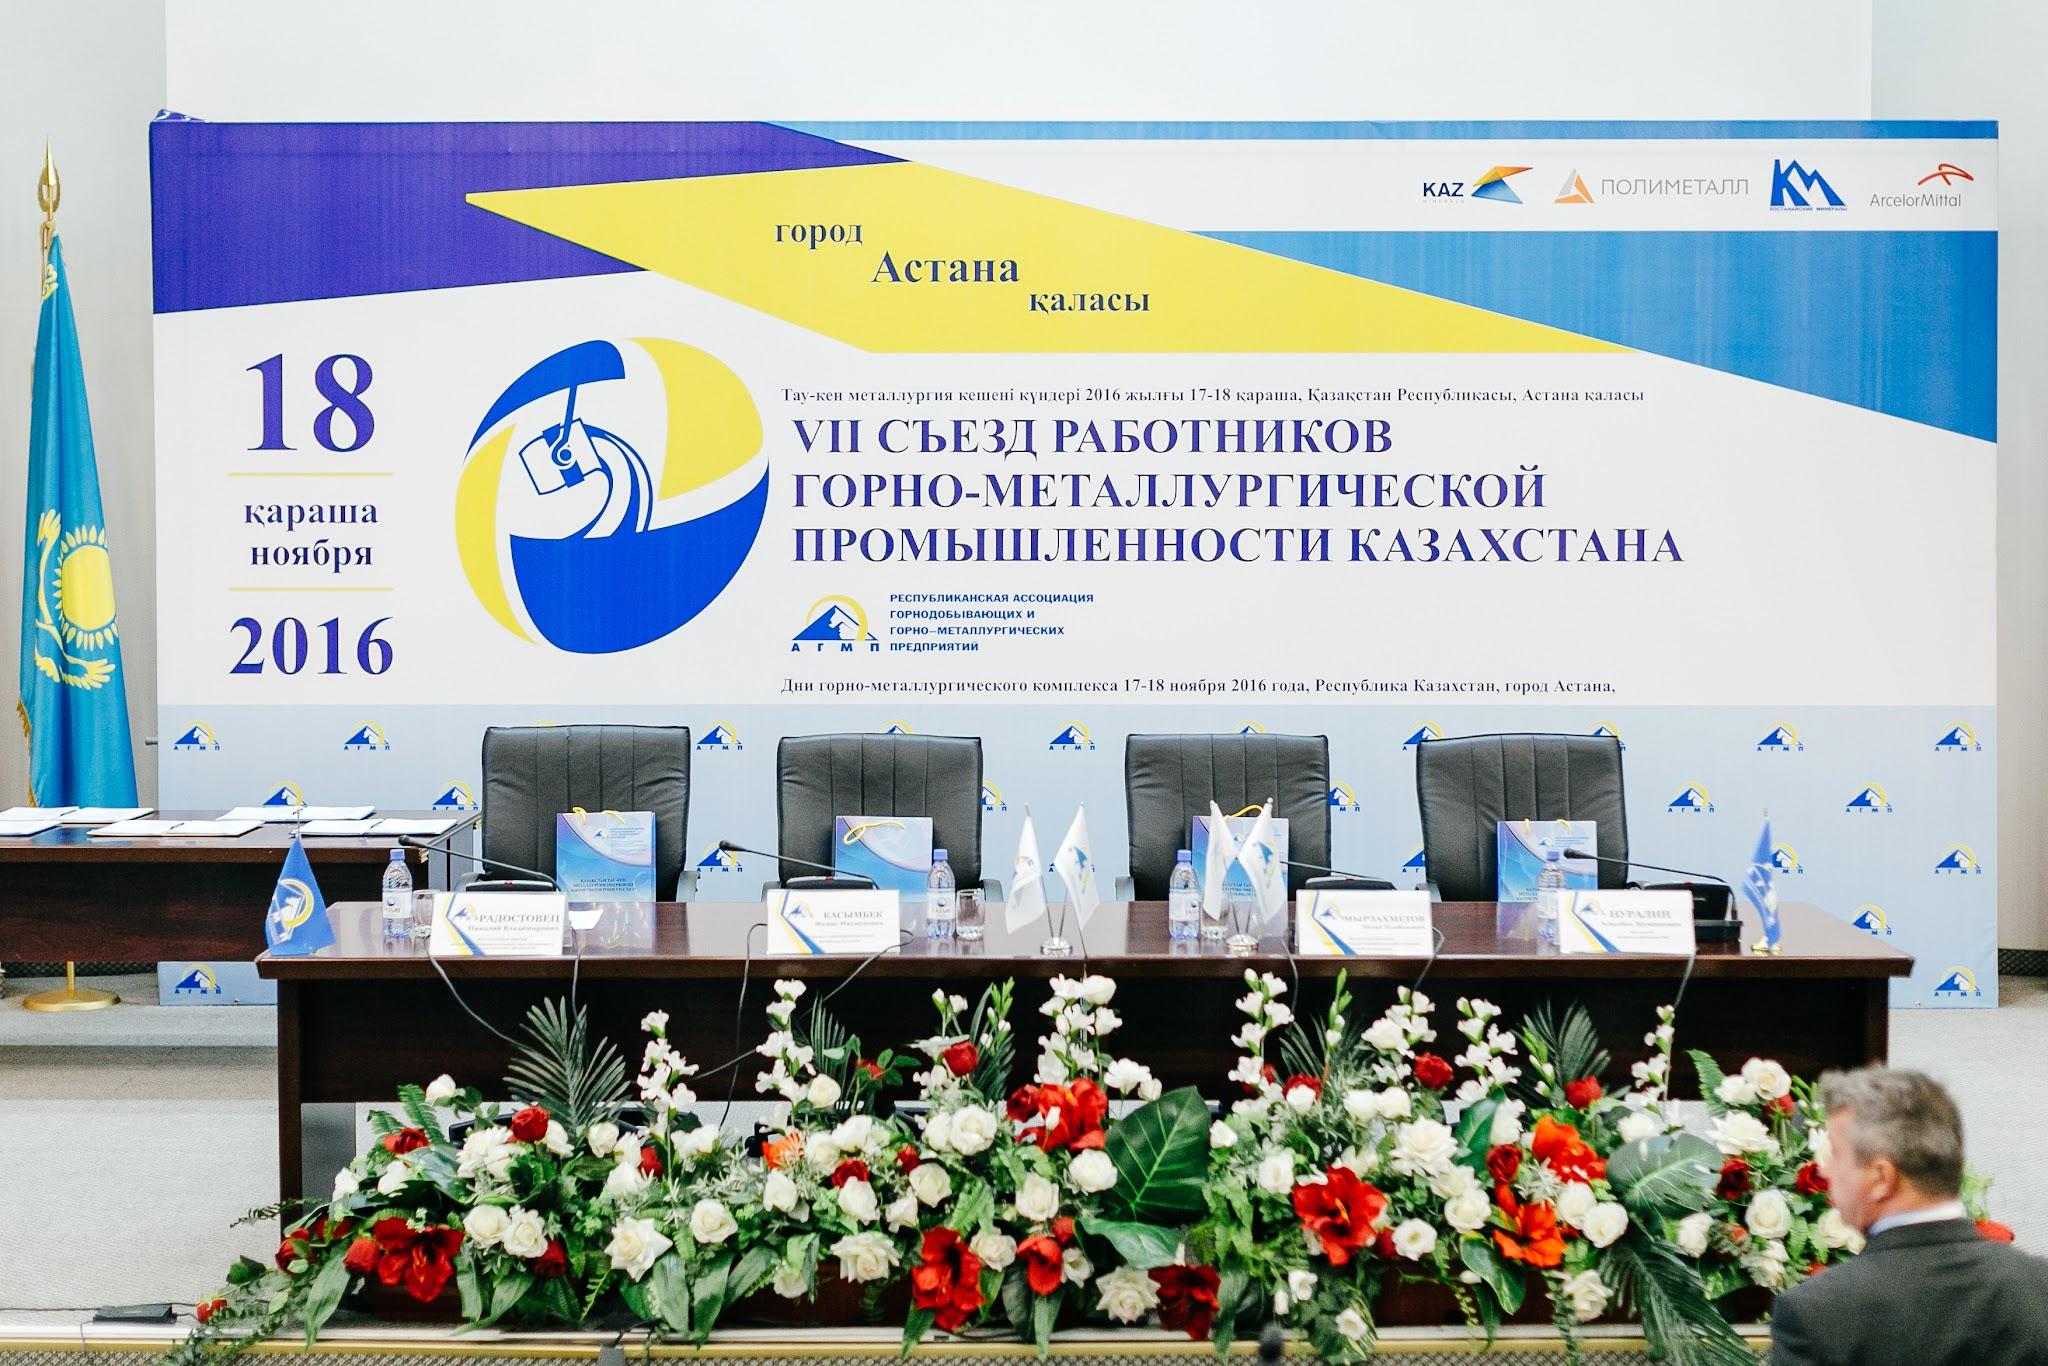 18 ноября 2016 VII Съезд работников горно-металлургической промышленности